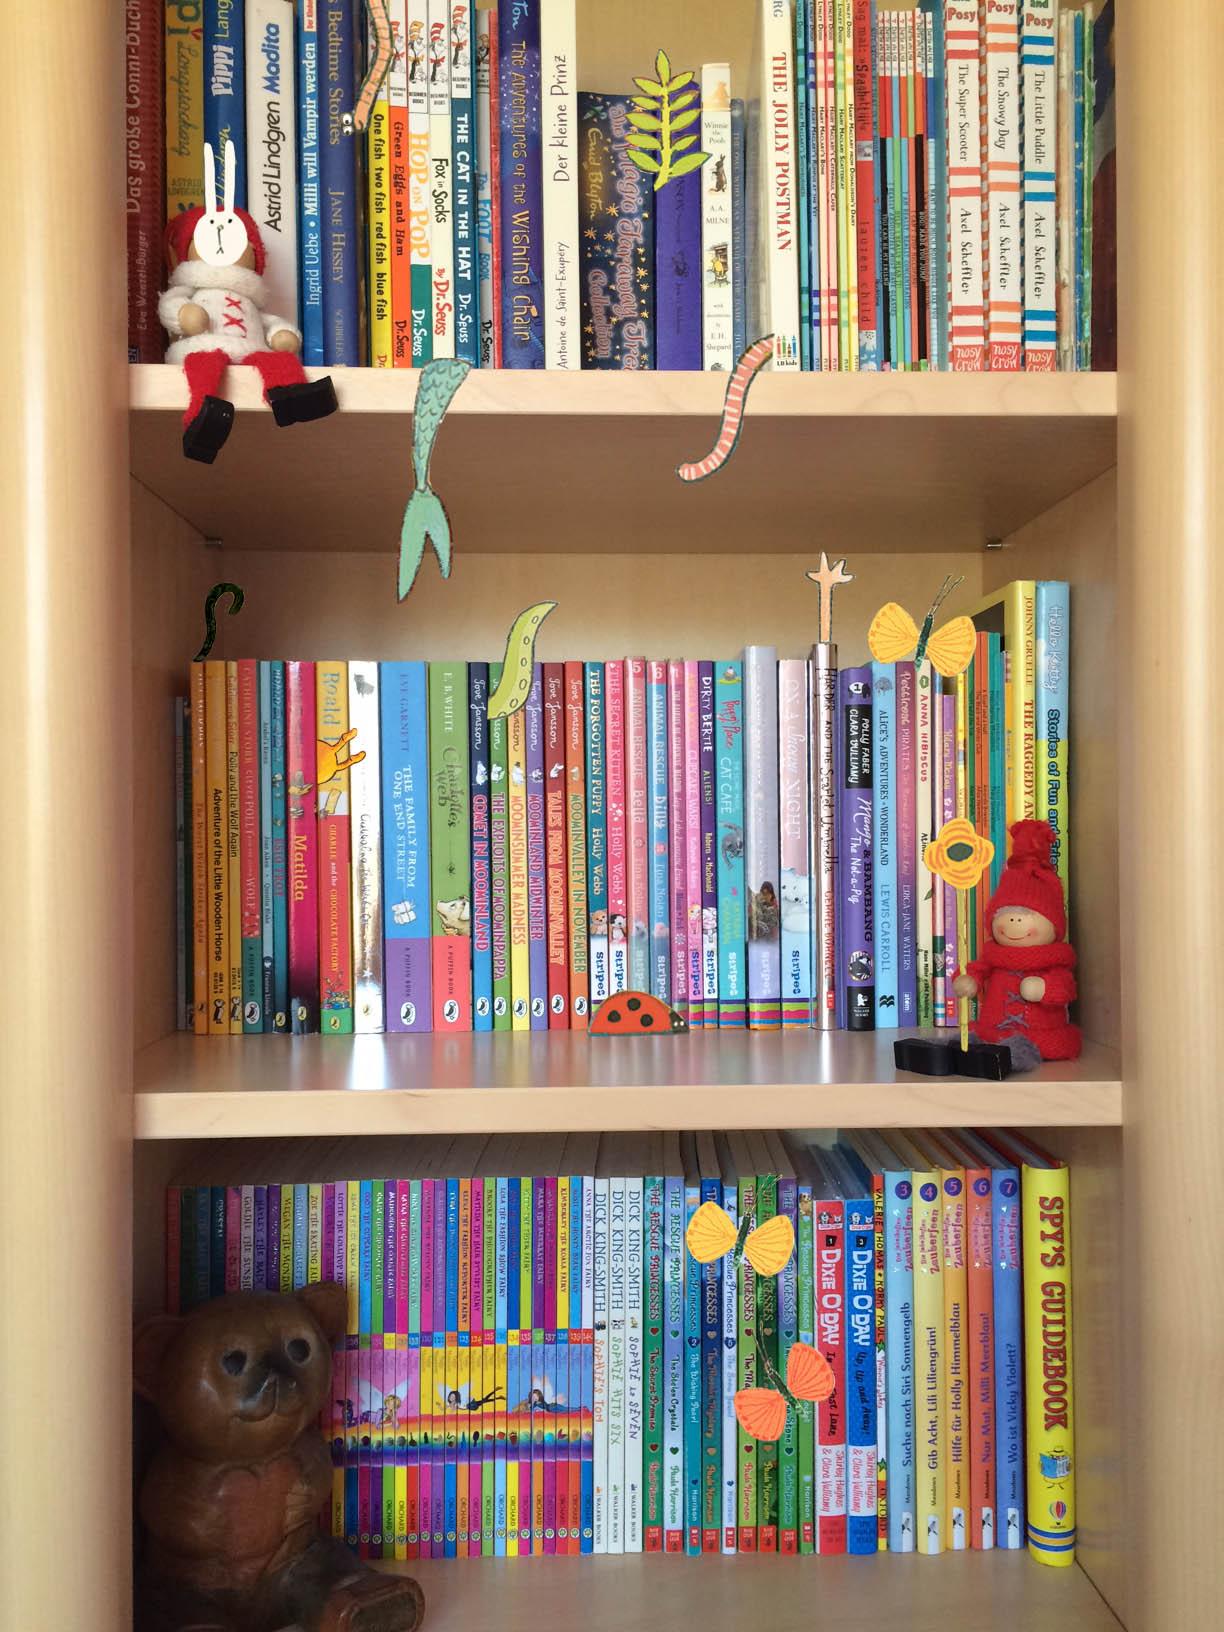 Story Snug Bookshelf - Emma Yarlett